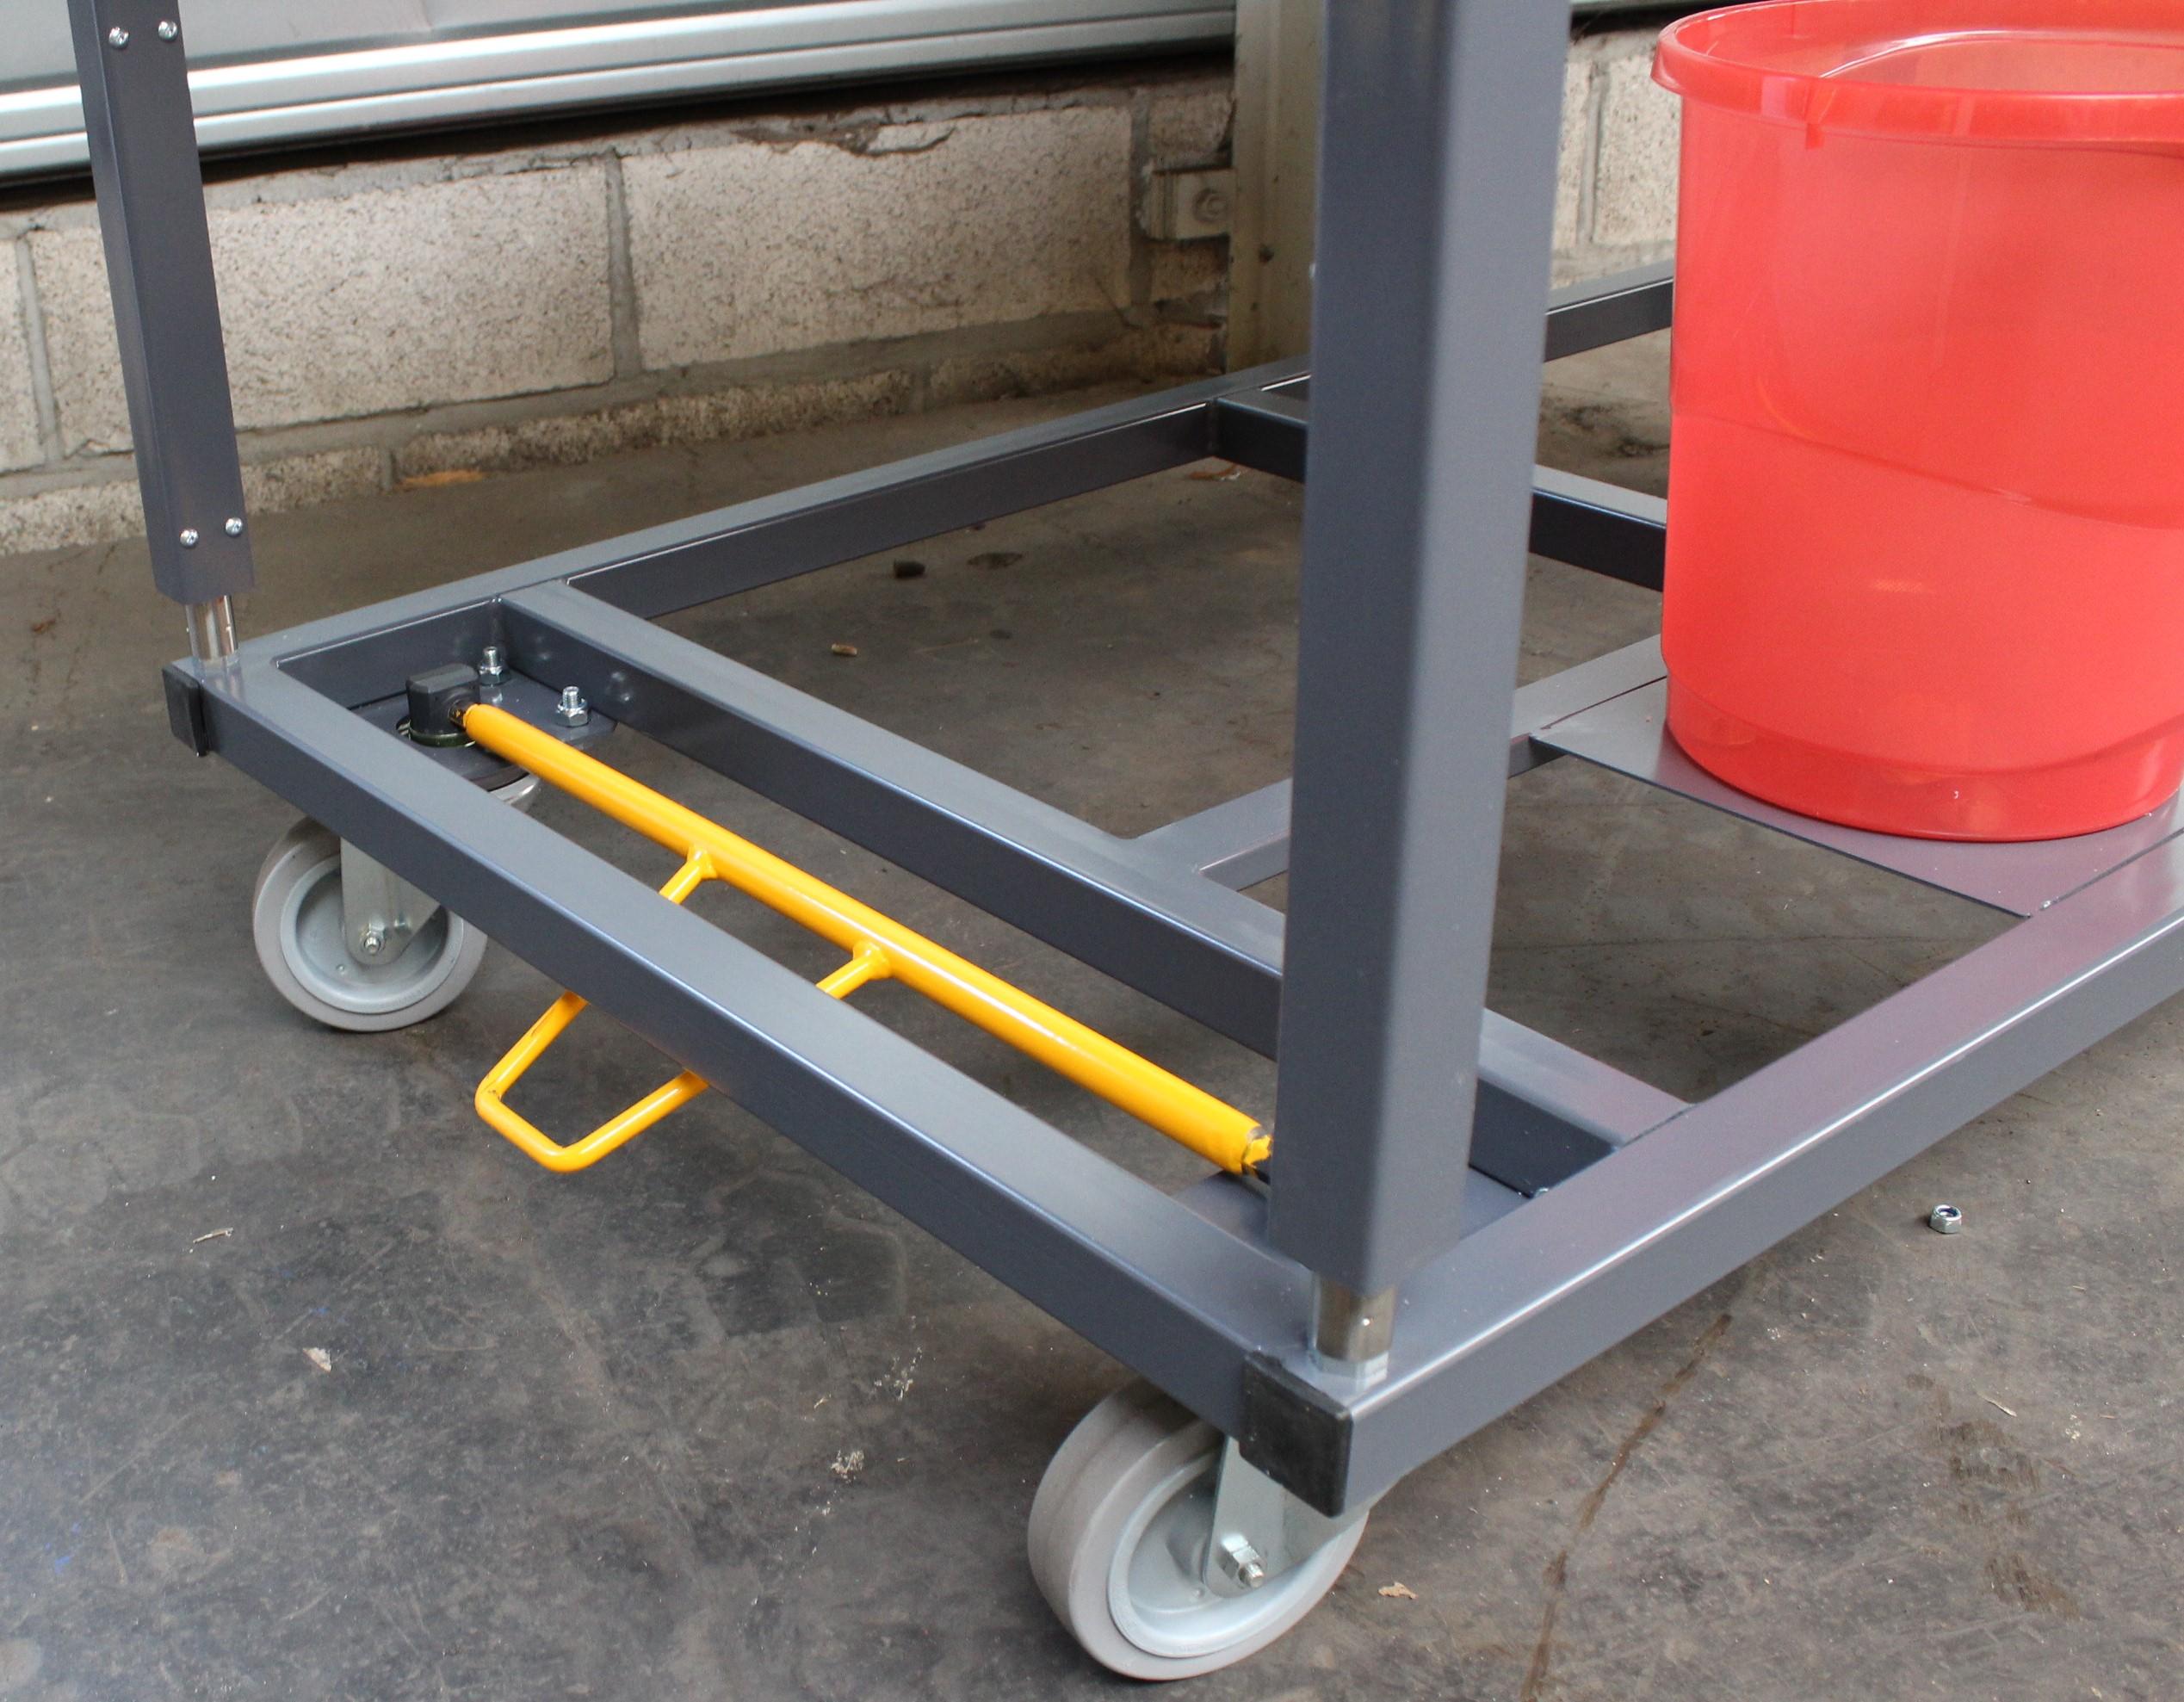 Chariot de réfection mobile